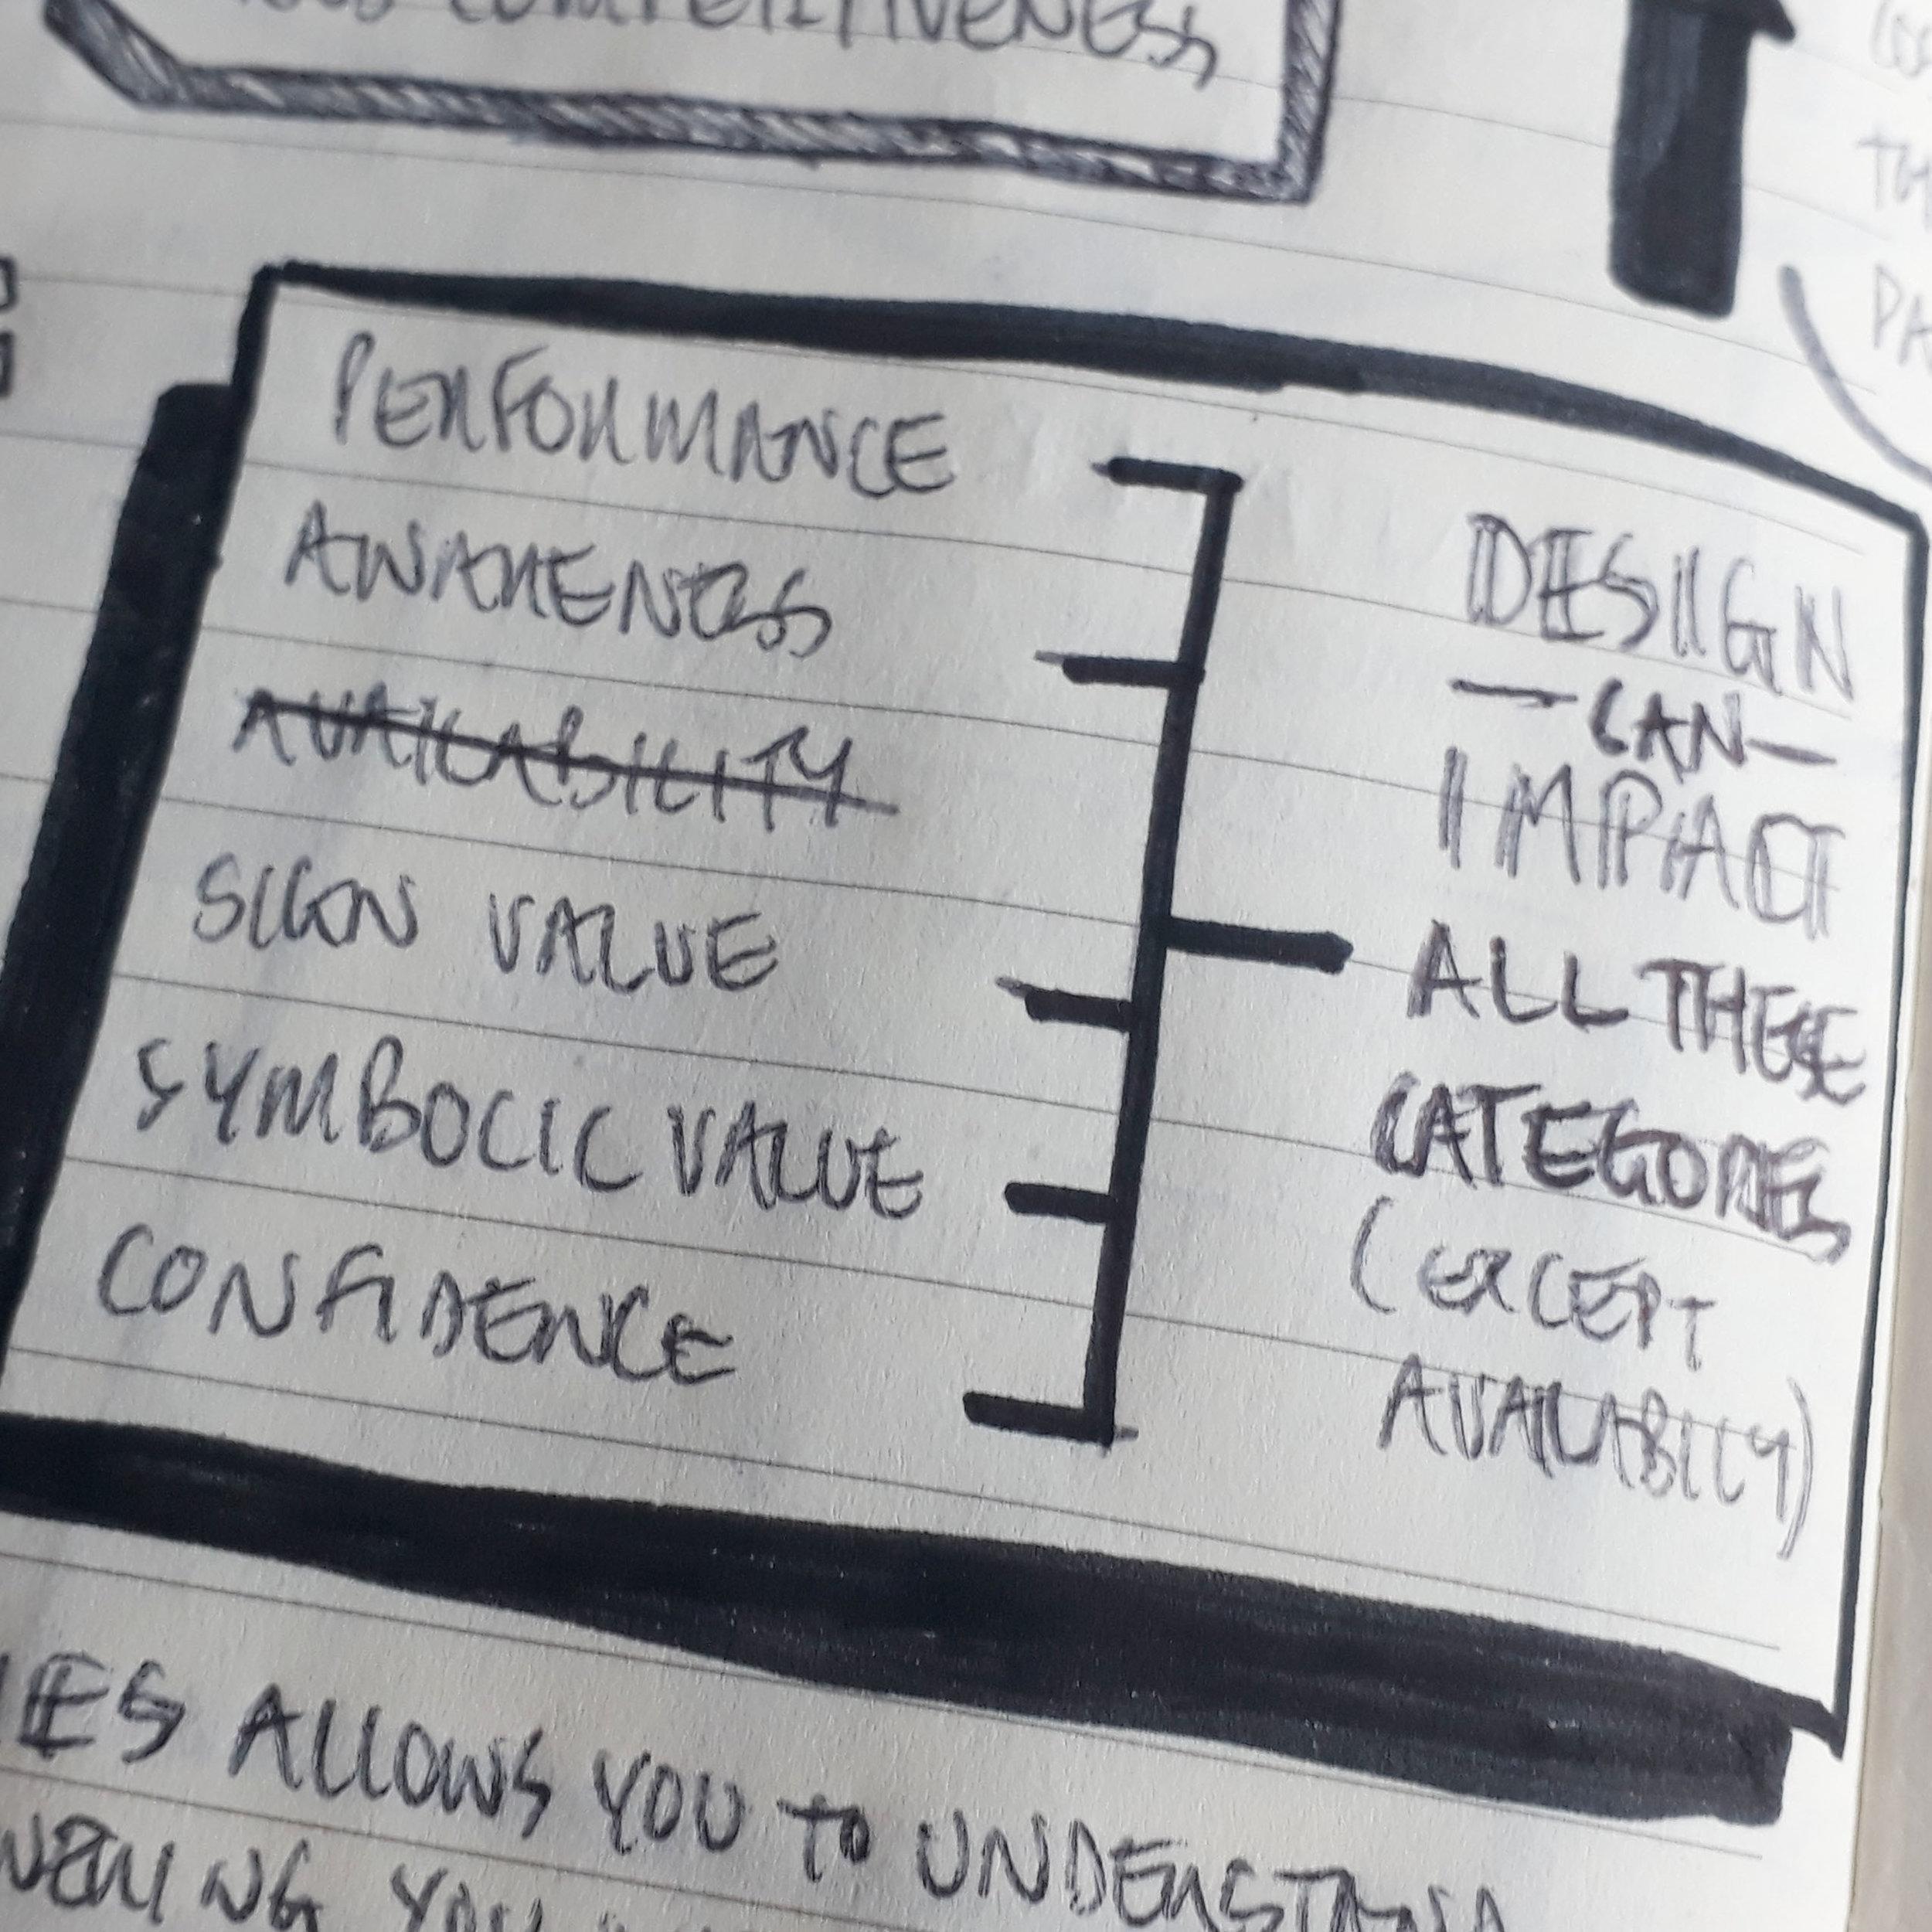 ValueInDesign-Part2.4.jpg